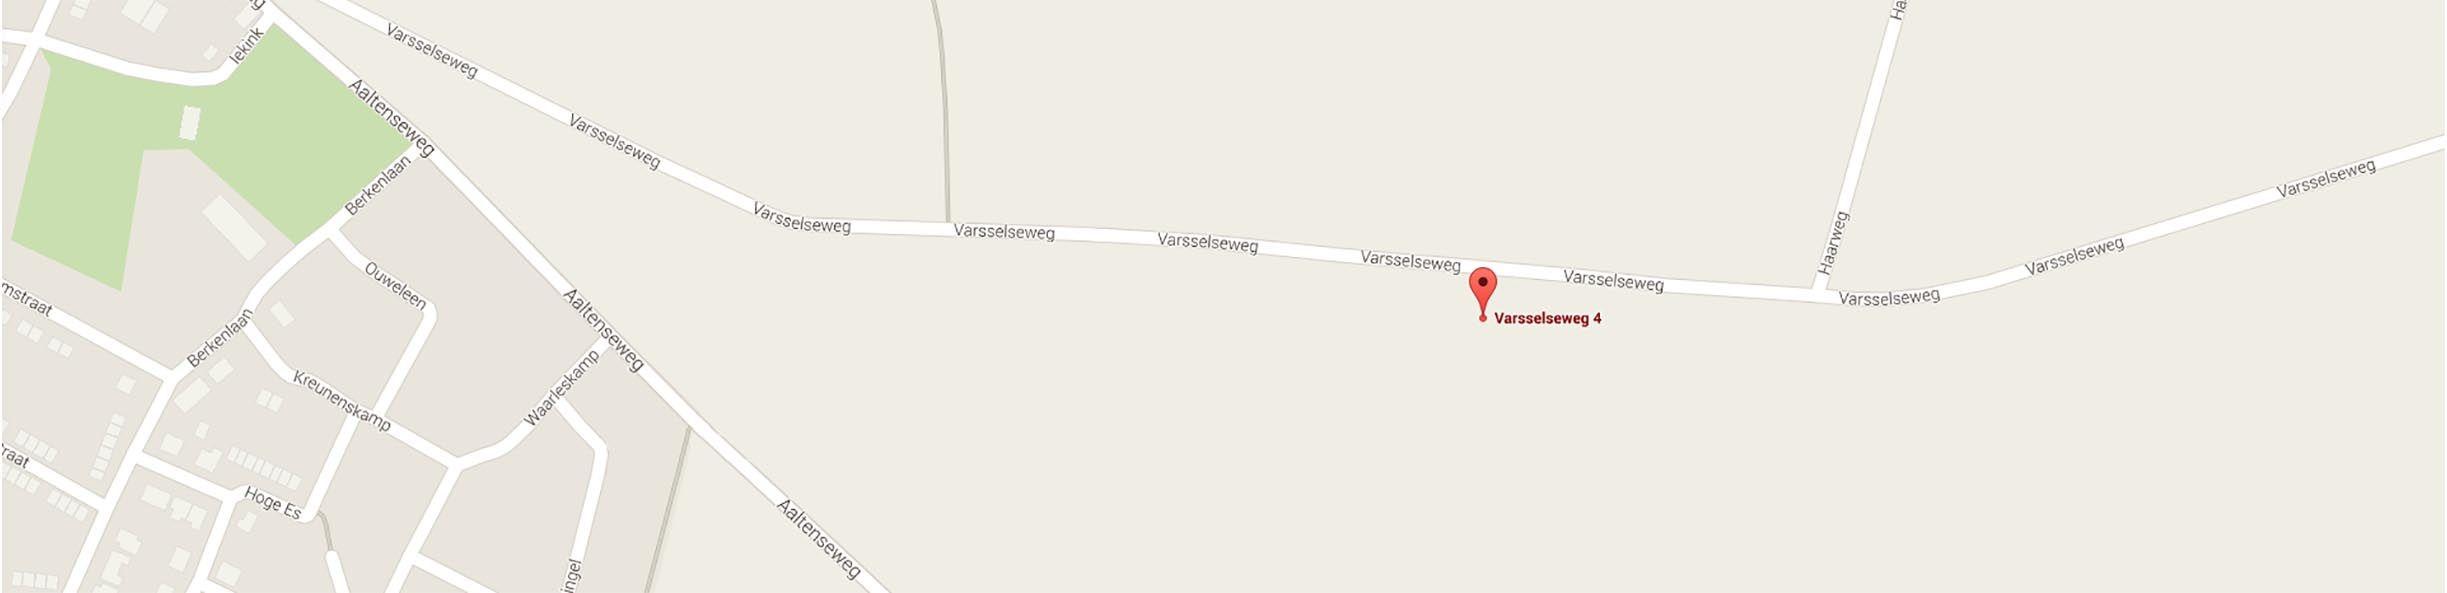 http://www.ezels.nl/uploads/images/header/Contact_Landkaart.jpg